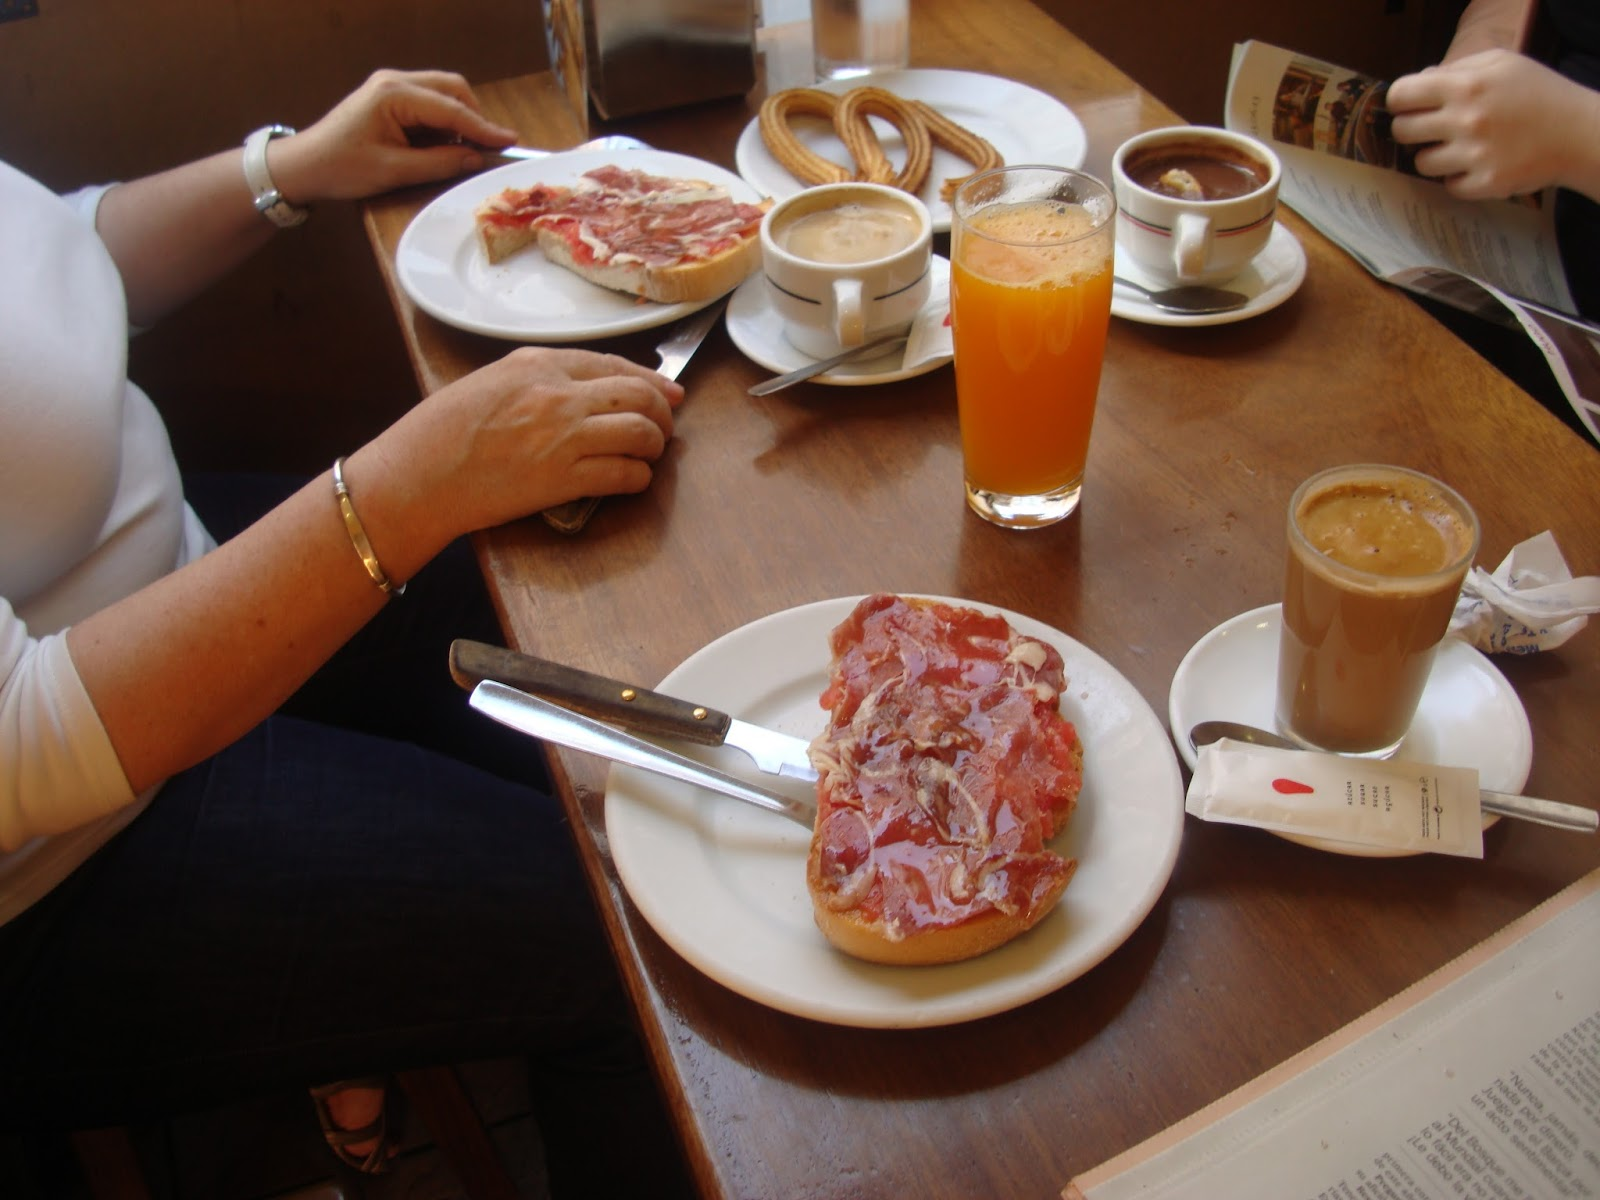 España Desayunos, raciones y tapas Fulgen tradición